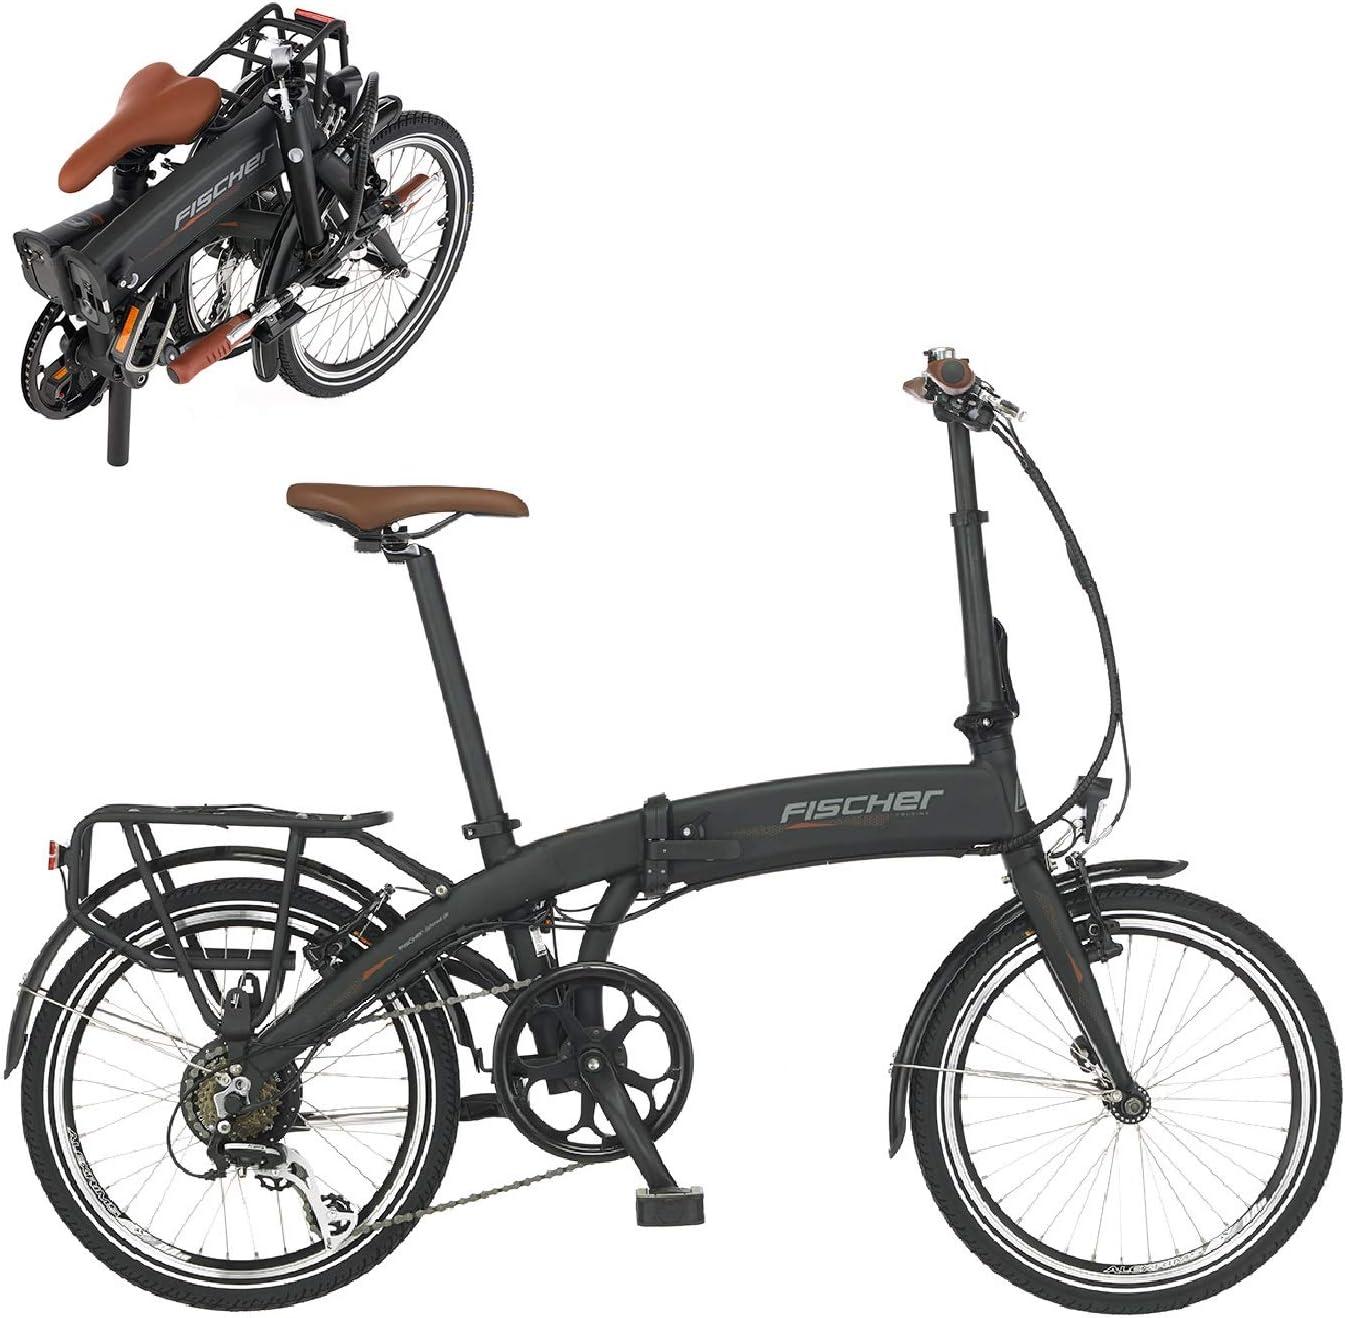 FISCHER E-Bike bicicleta eléctrica, negra, 20